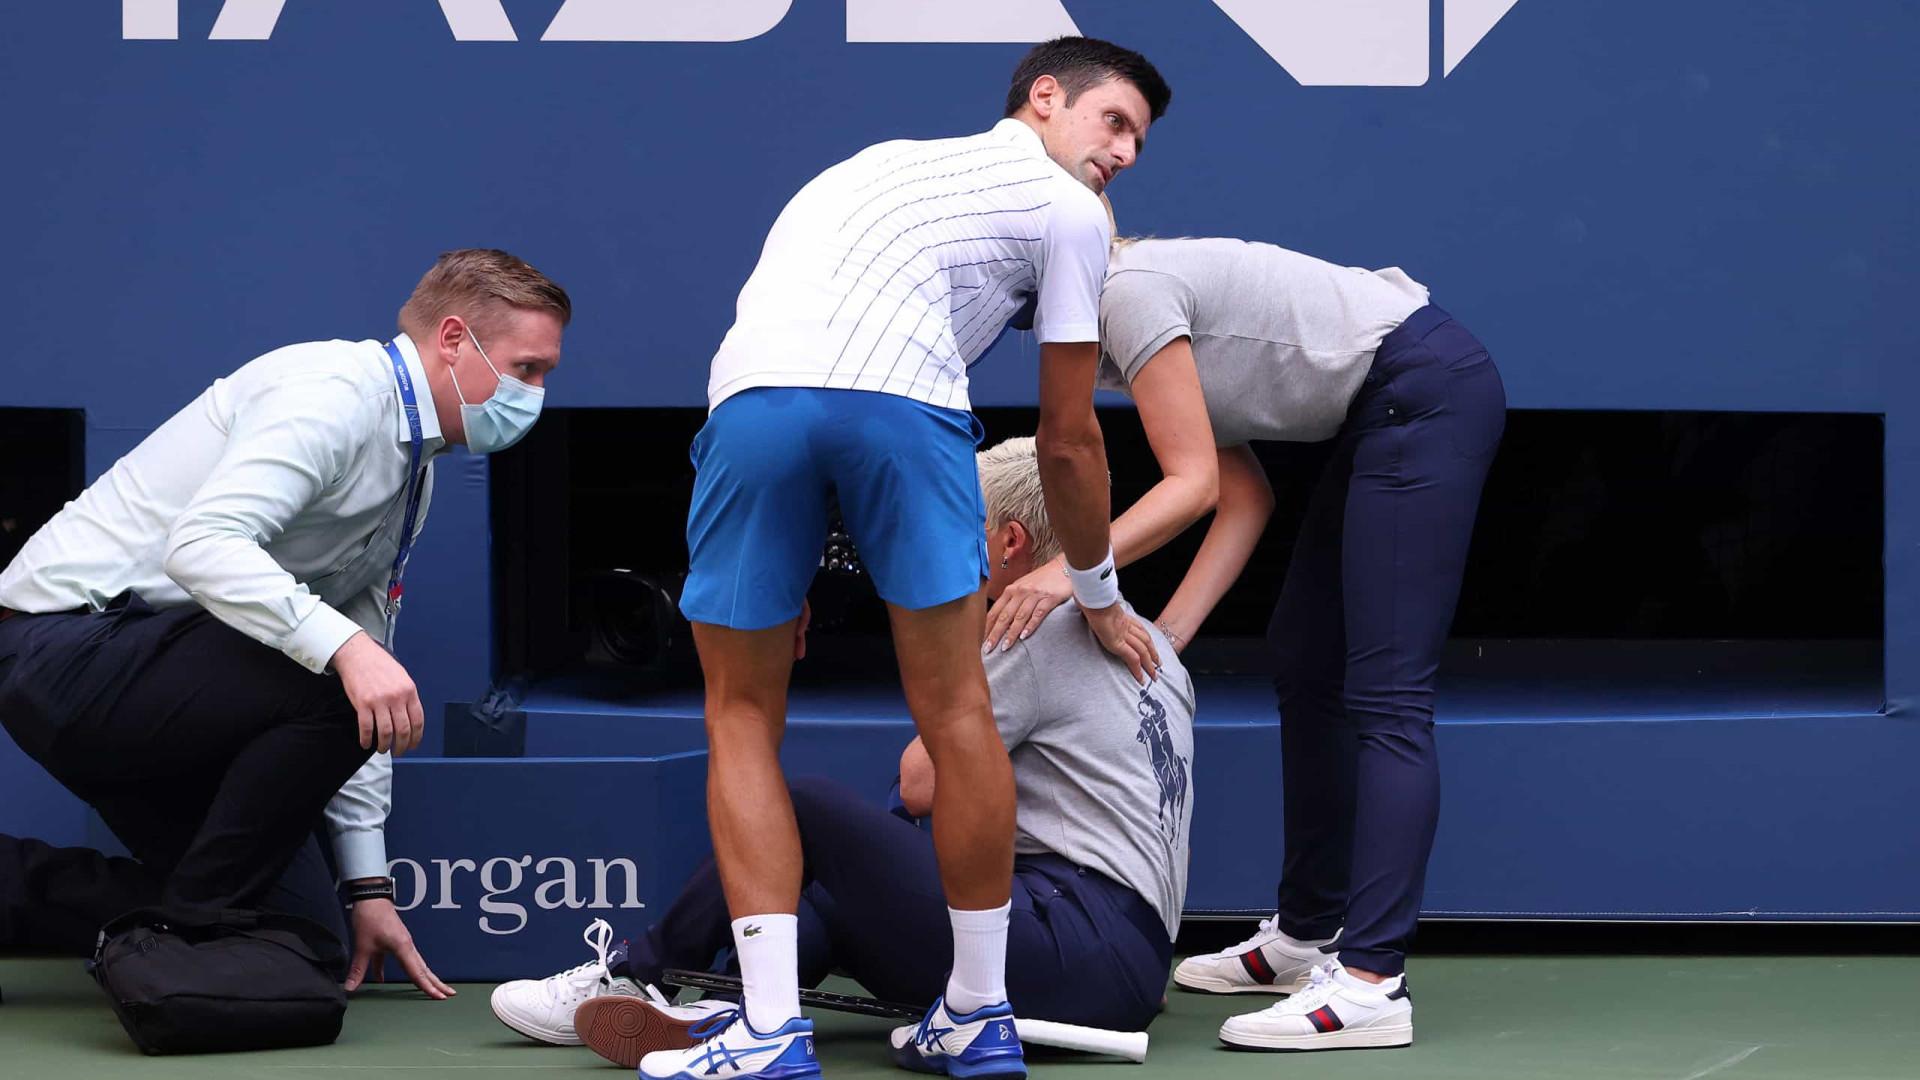 Terminou o US Open e há imagens que ficarão para a história